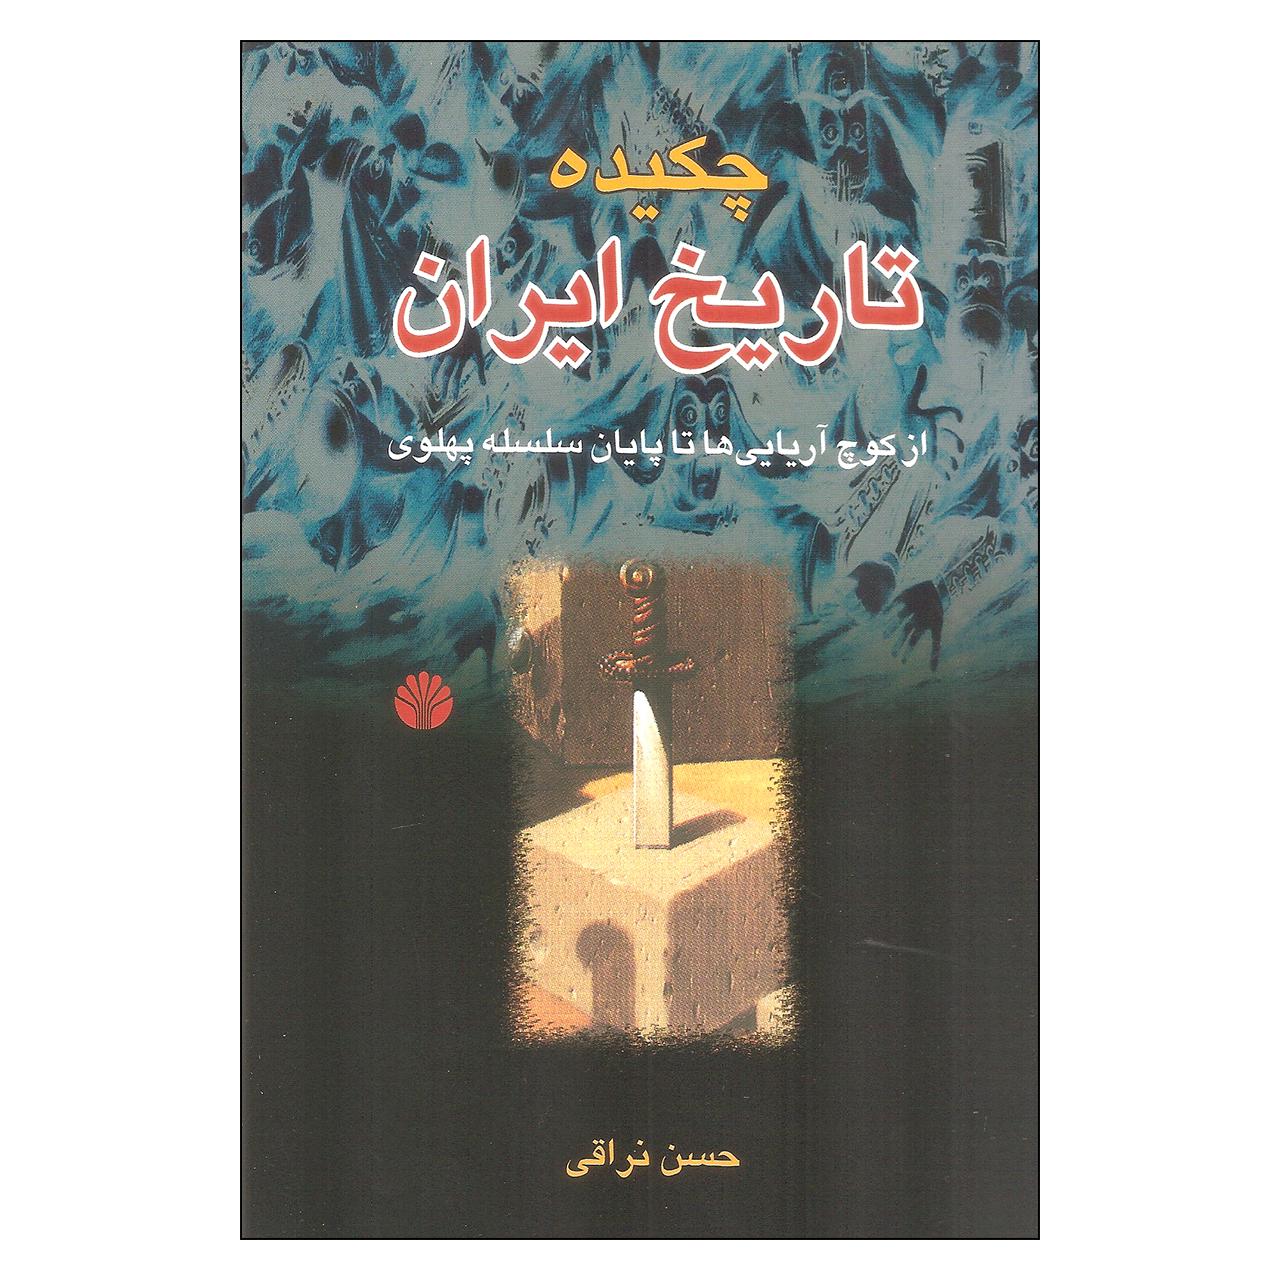 کتاب چکیده تاریخ ایران اثر حسن نراقی نشر اختران